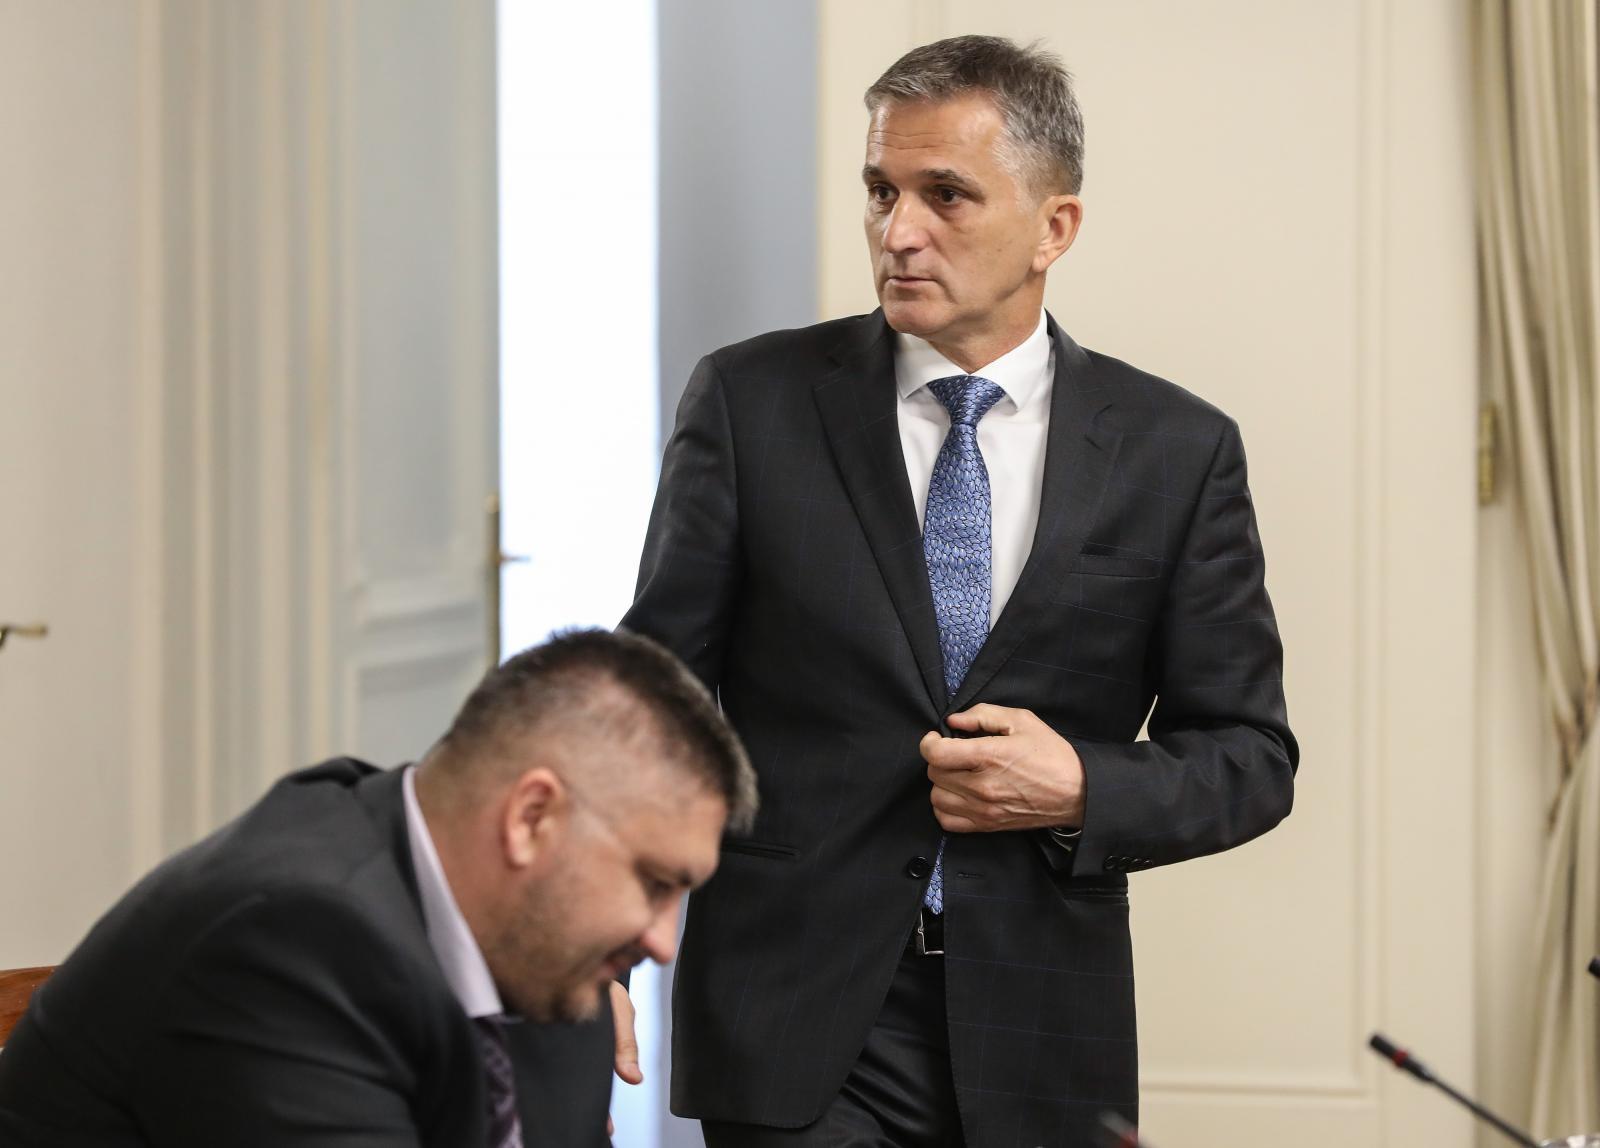 Photo of Zašto je ministar Goran Marić otišao iz Vlade?